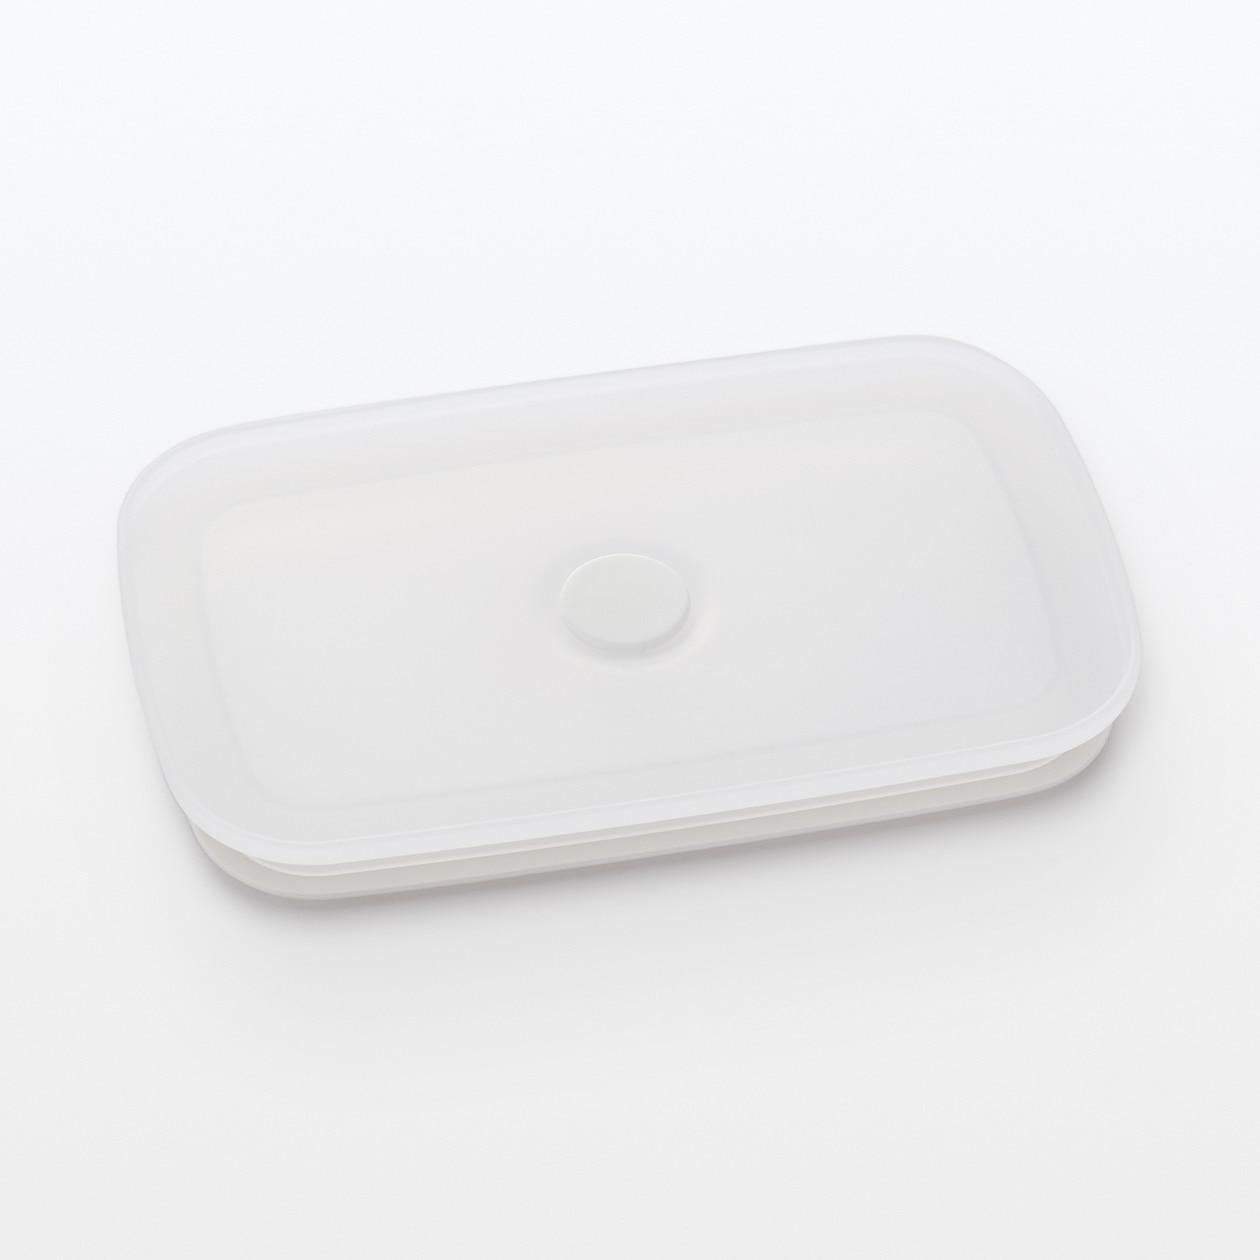 【パーツ】バルブ付き密閉ホーロー保存容器 フタセット・中(バルブ、パッキン付)